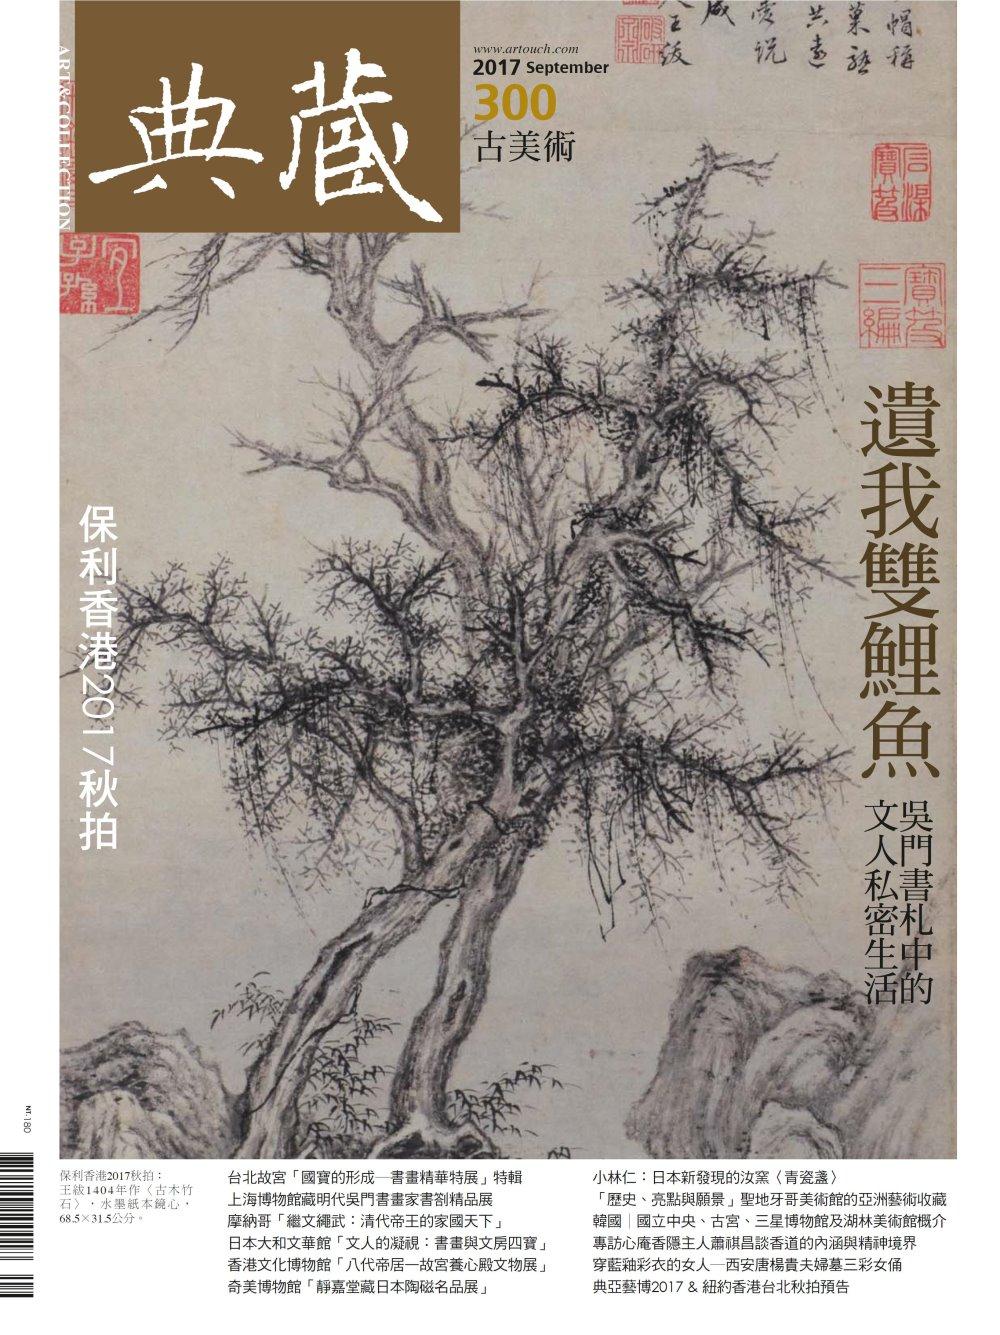 典藏古美術 9月號/2017 第300期